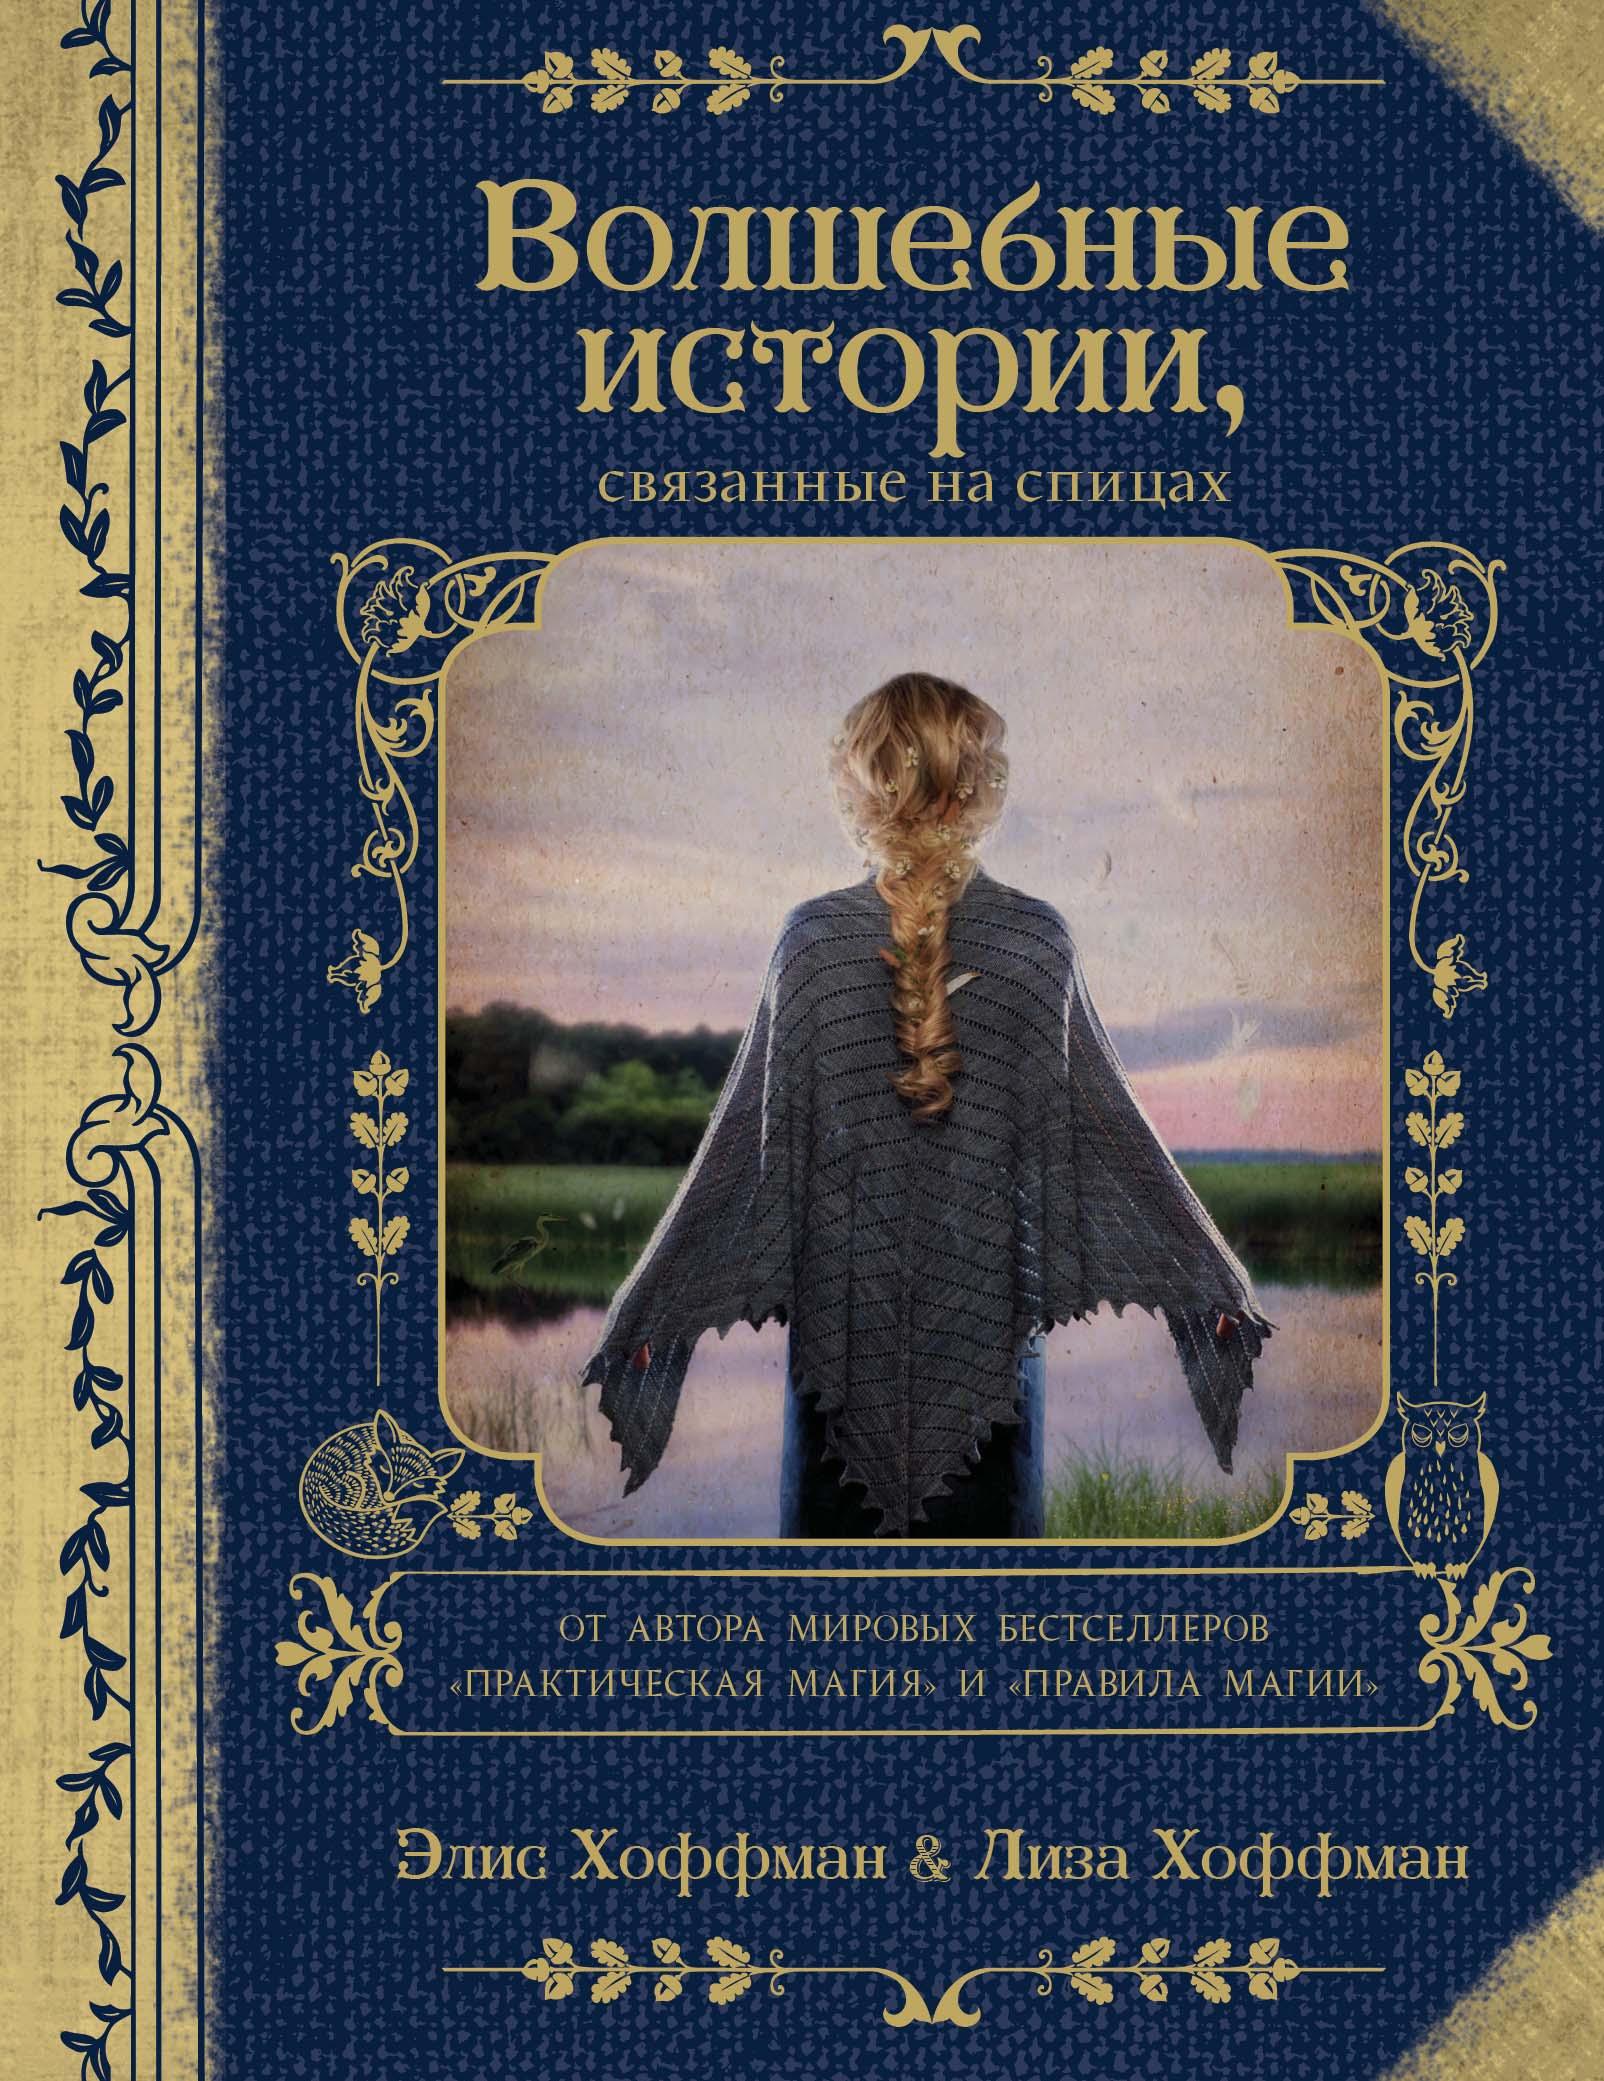 Купить книгу Волшебные истории, связанные на спицах, автора Элис Хоффман